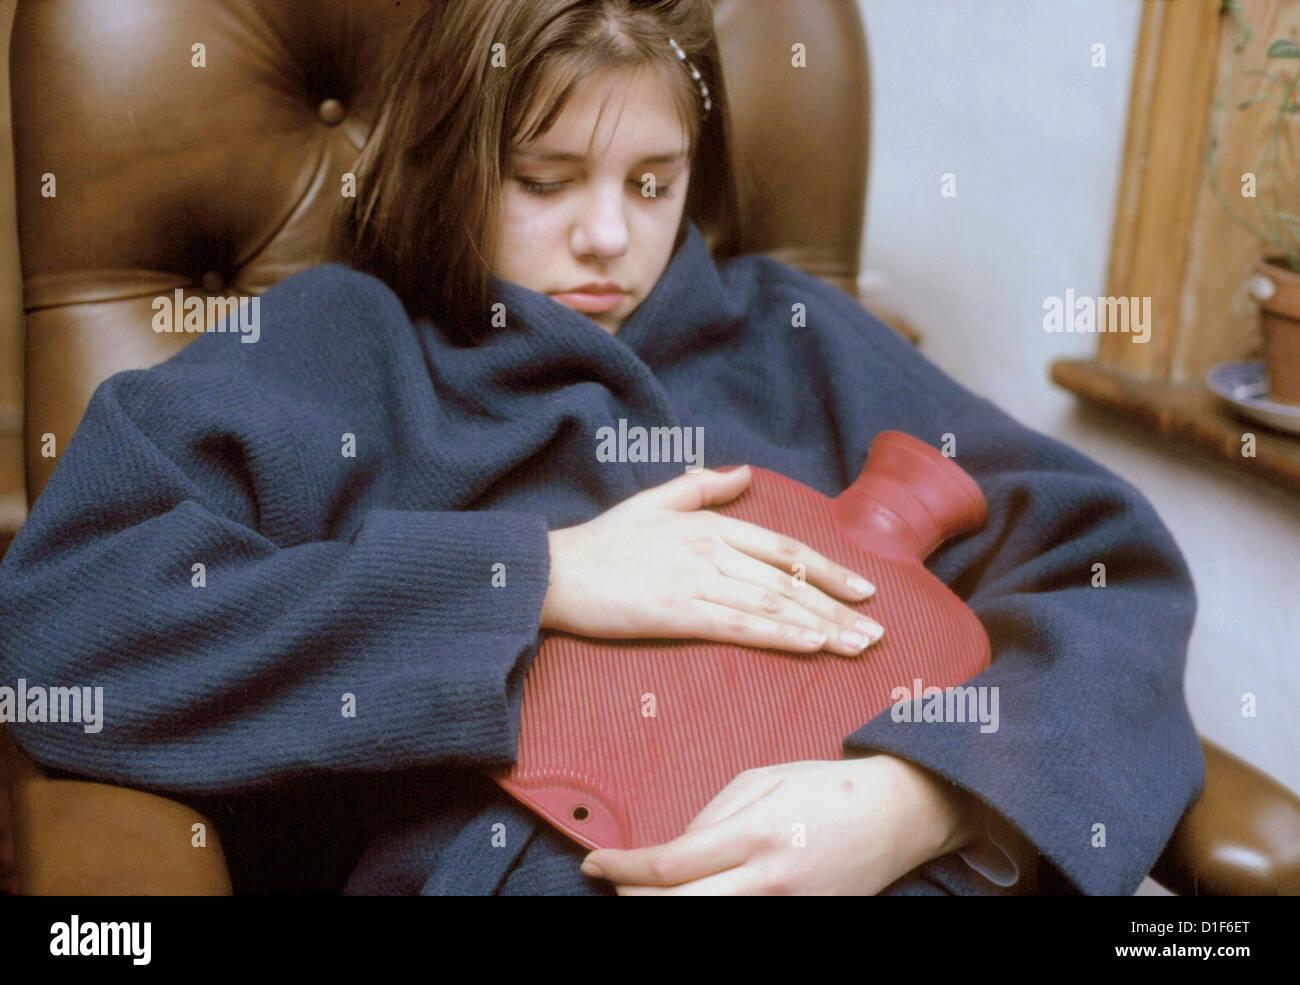 Una fotografia di un adolescente con dolore addominale. Foto Stock